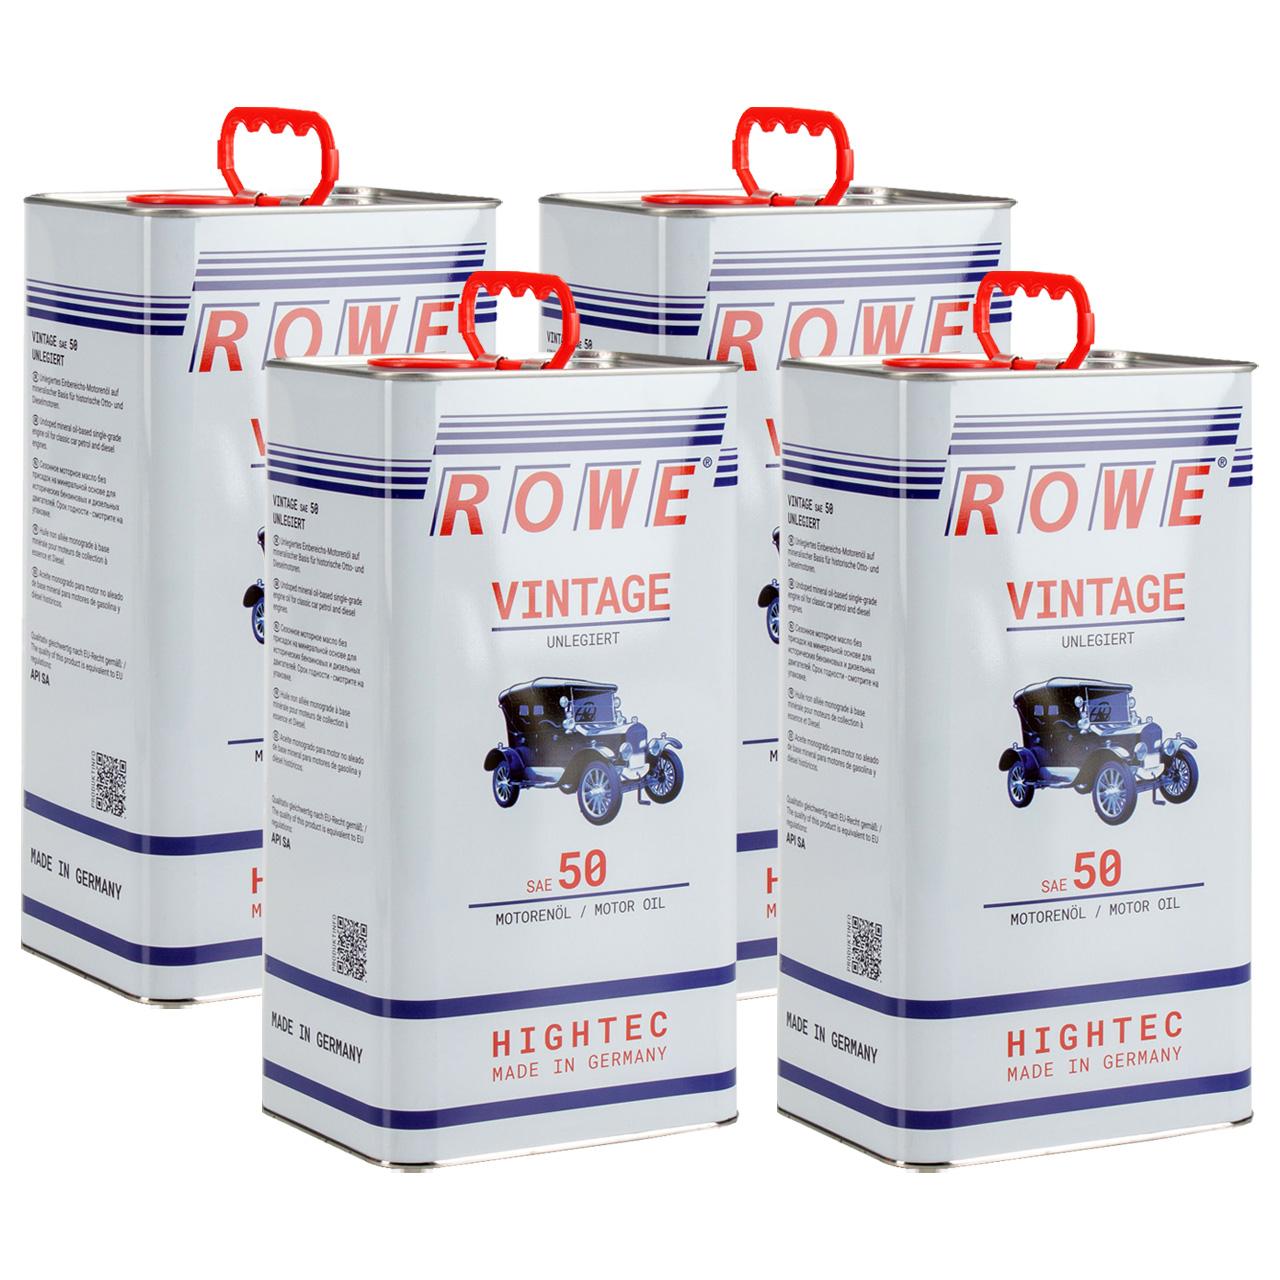 20L 20 Liter ROWE Motoröl Öl VINTAGE Unlegiert SAE 50 Oldtimer Einbereichs-Öl